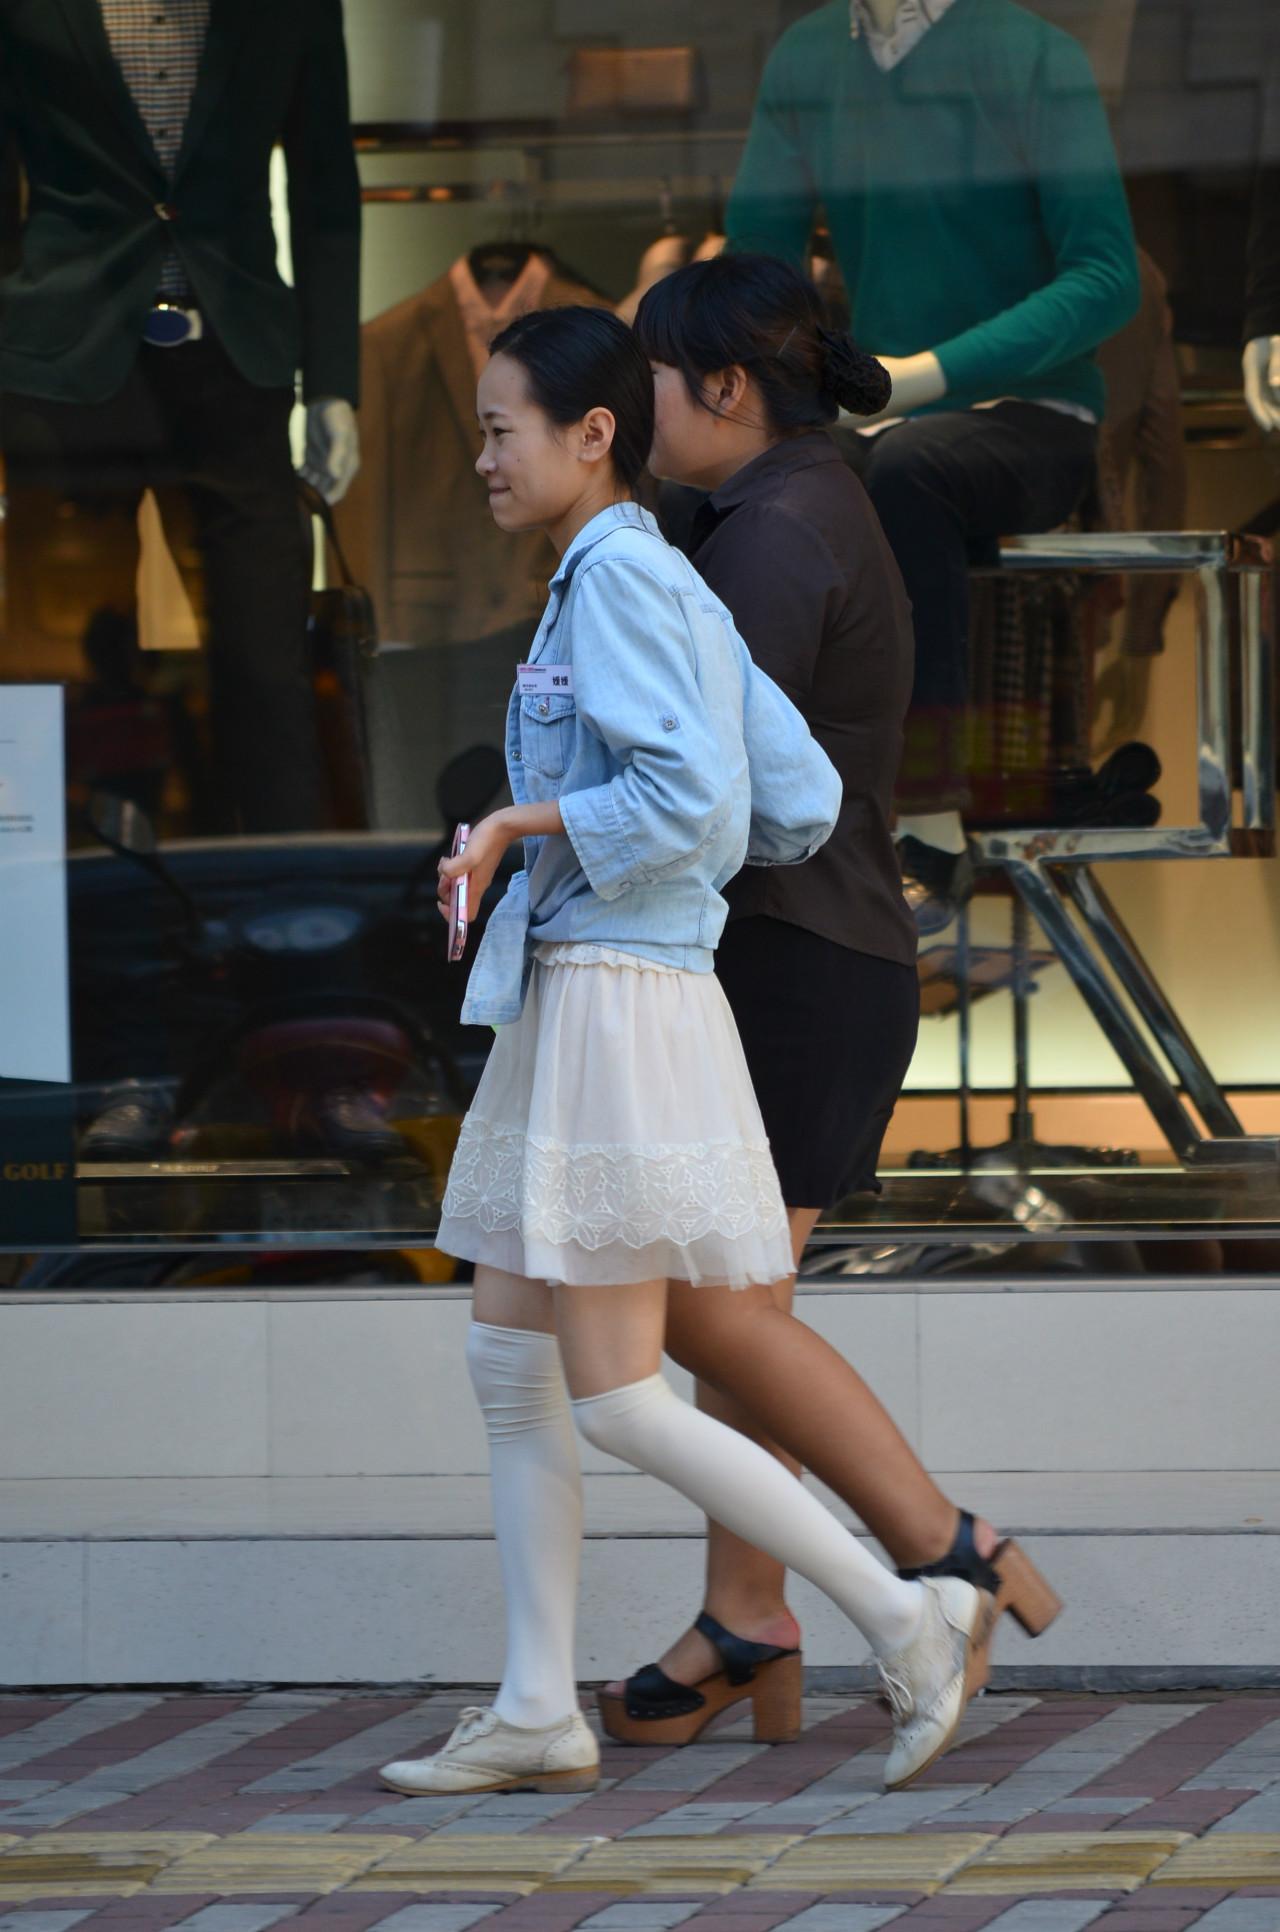 街拍短裙筒袜美女 街拍短裙过膝袜美女 街拍紧身短裙长腿美女图片